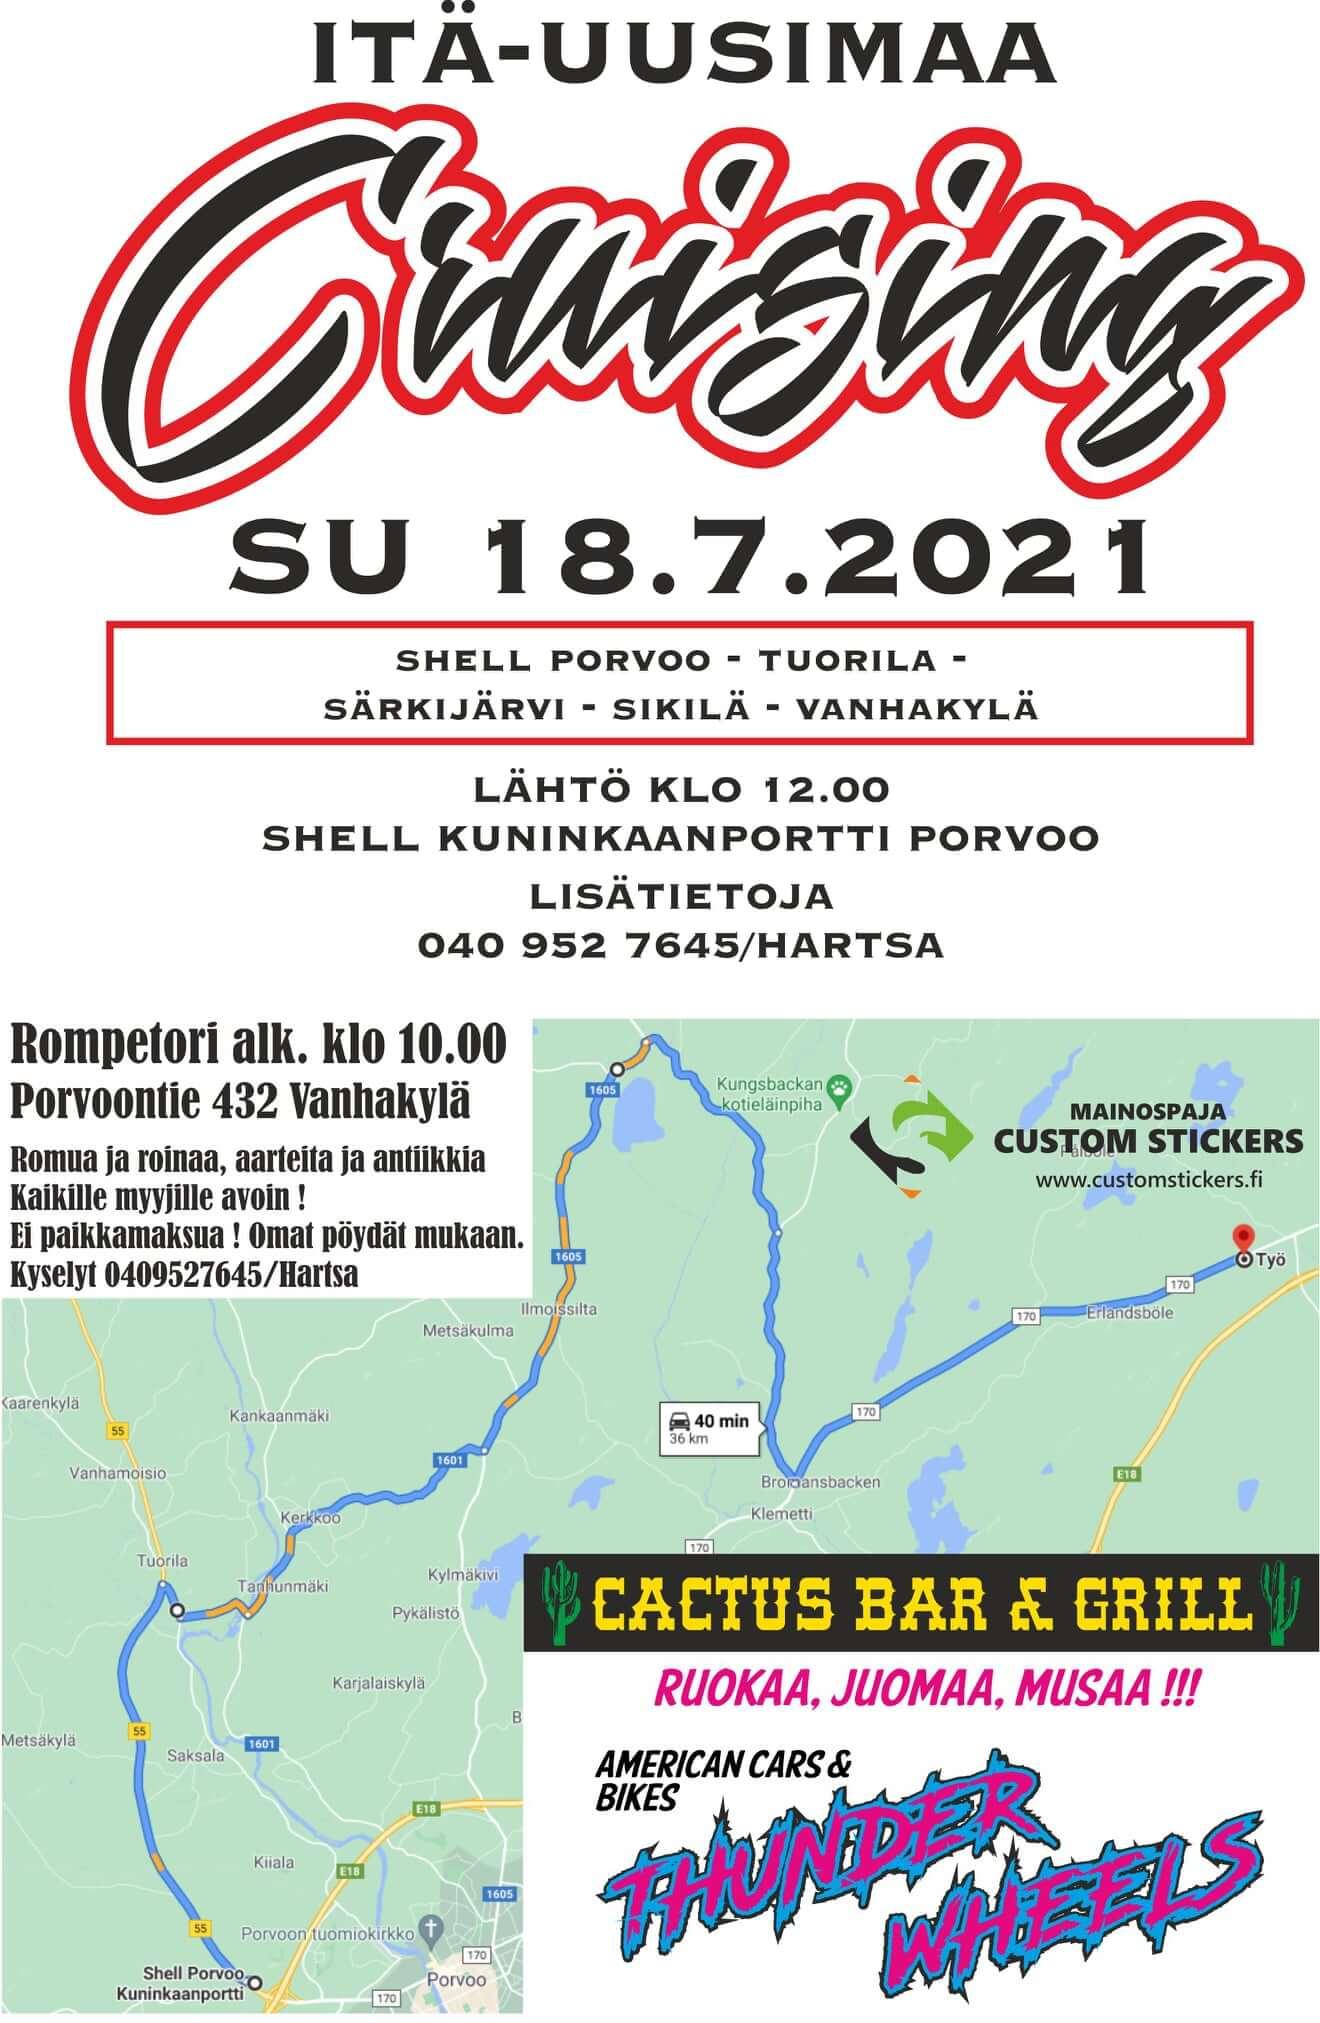 Itä-Uusimaa Cruising 18.7.2021